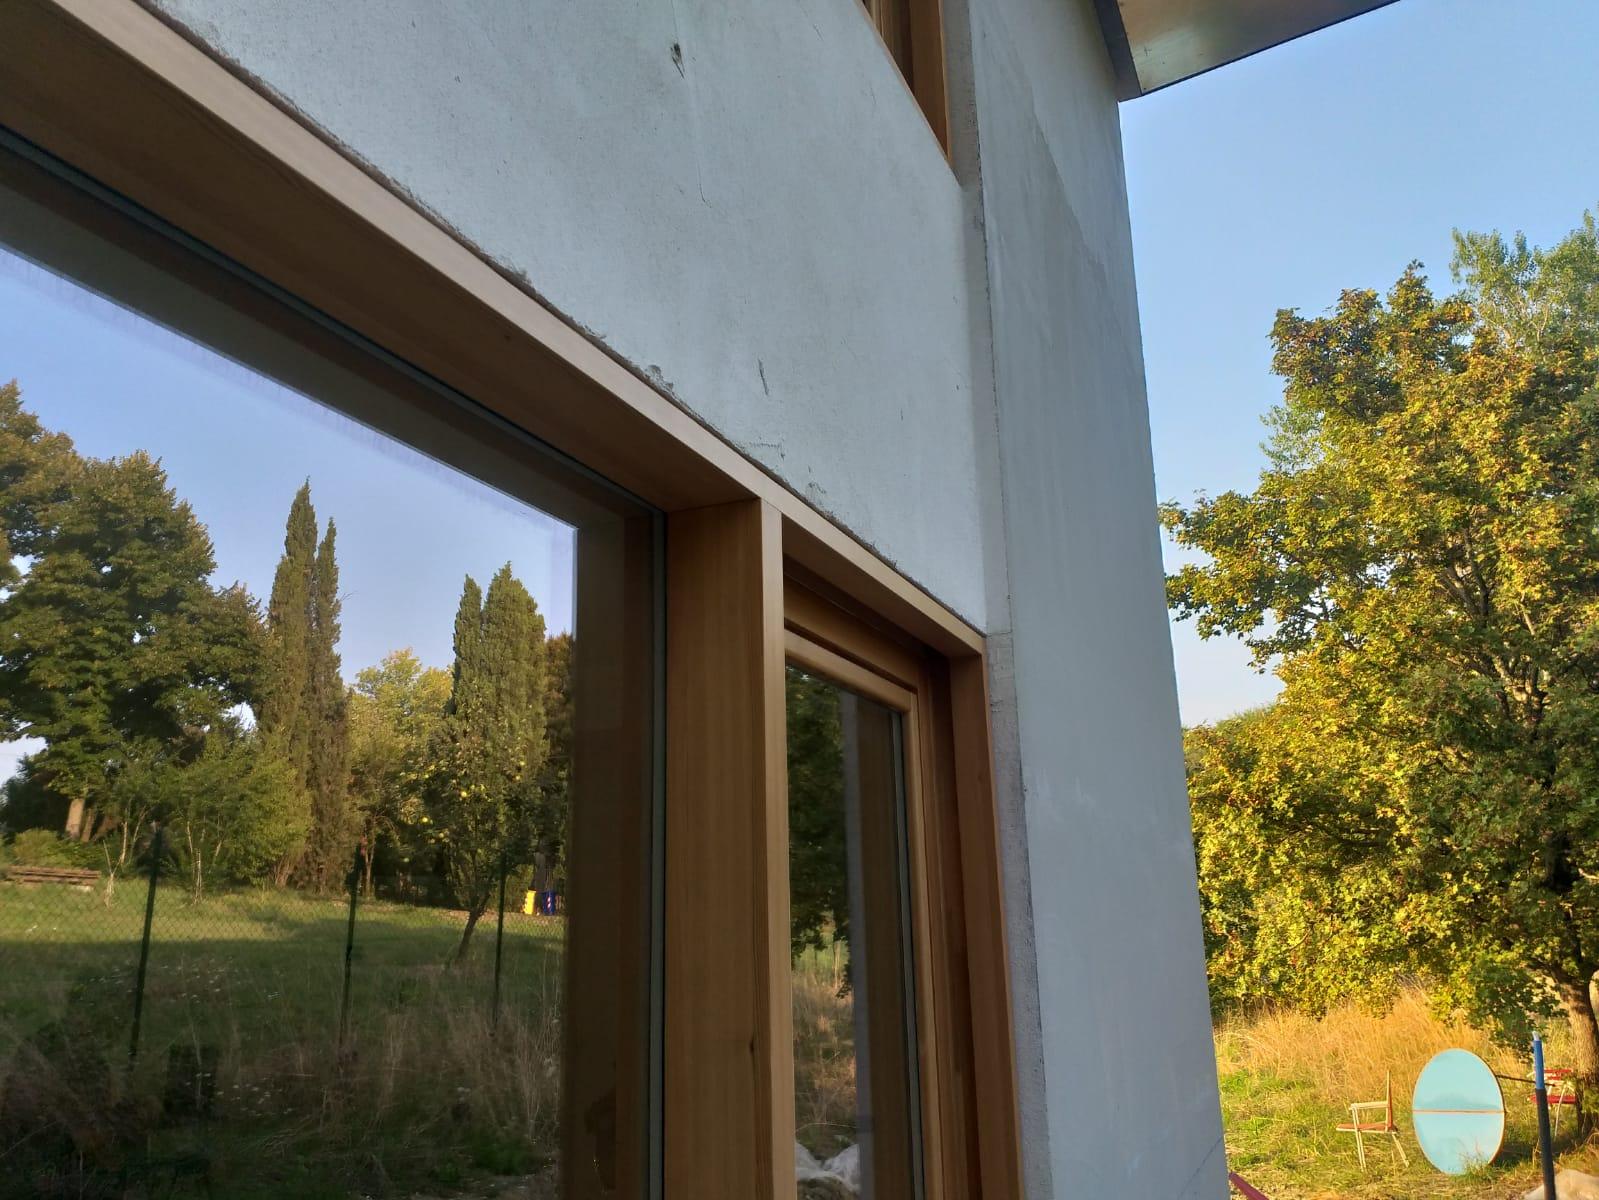 Ampie vetrate per una casa ecosostenibile realizzata a Parma